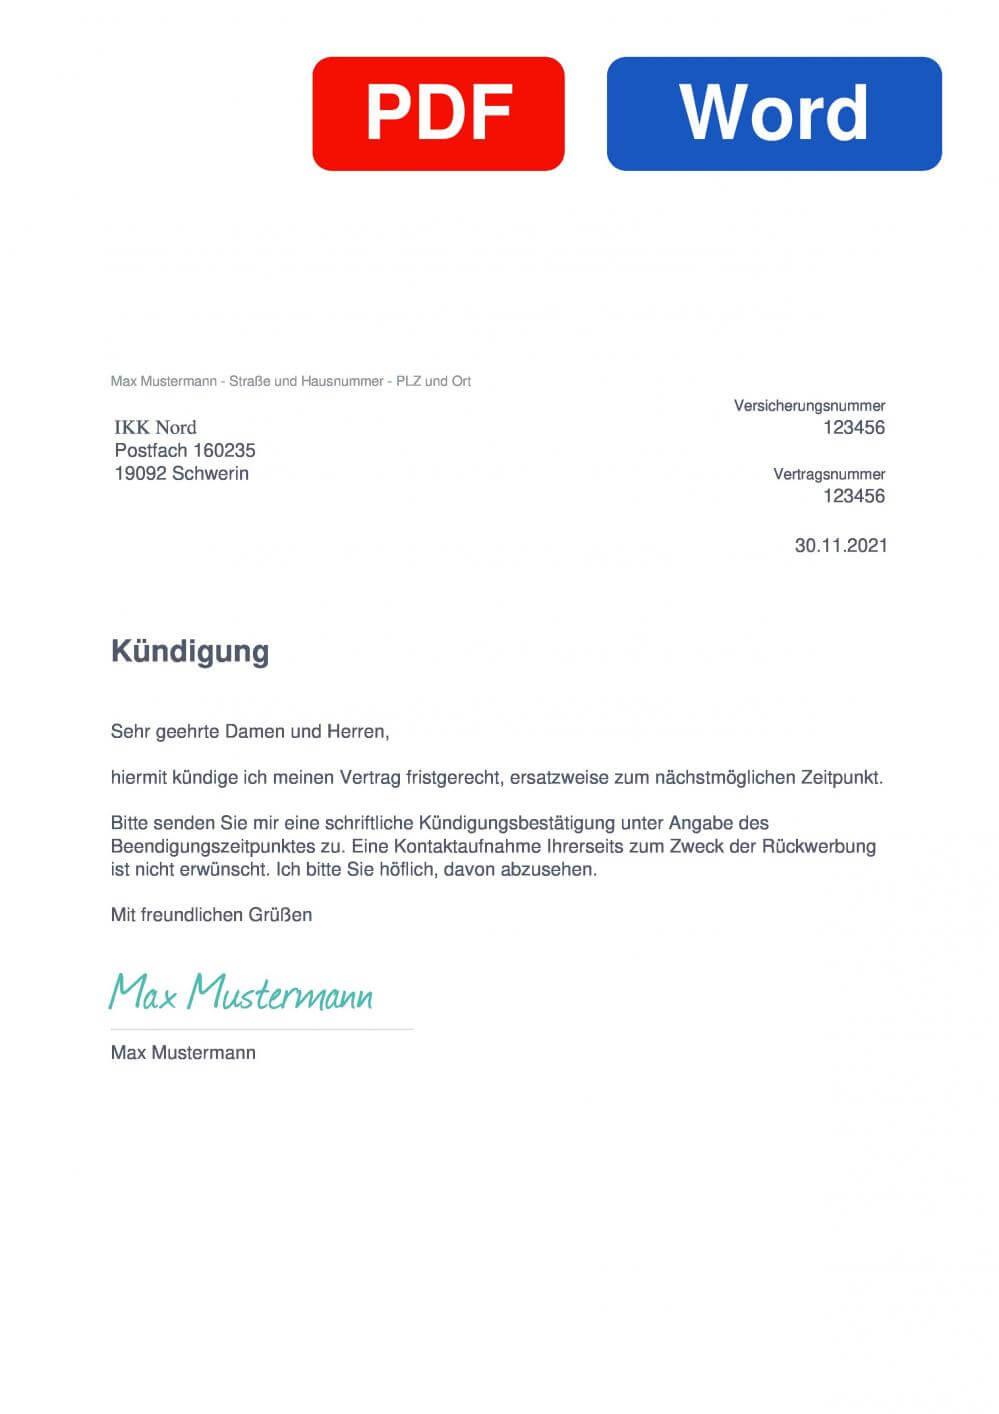 IKK Nord Muster Vorlage für Kündigungsschreiben